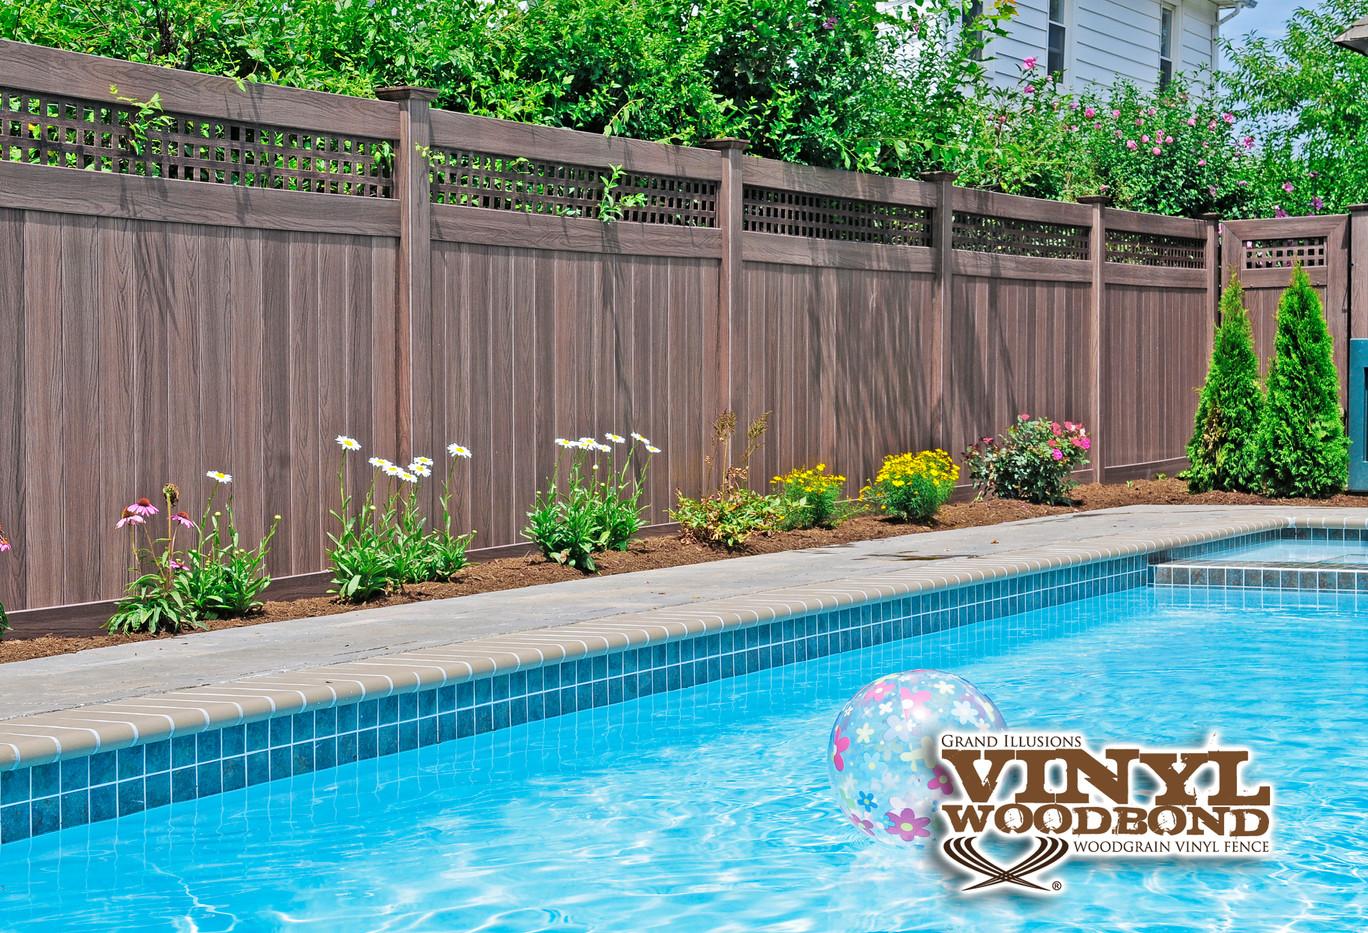 Walnut Grand illusions pvc fence